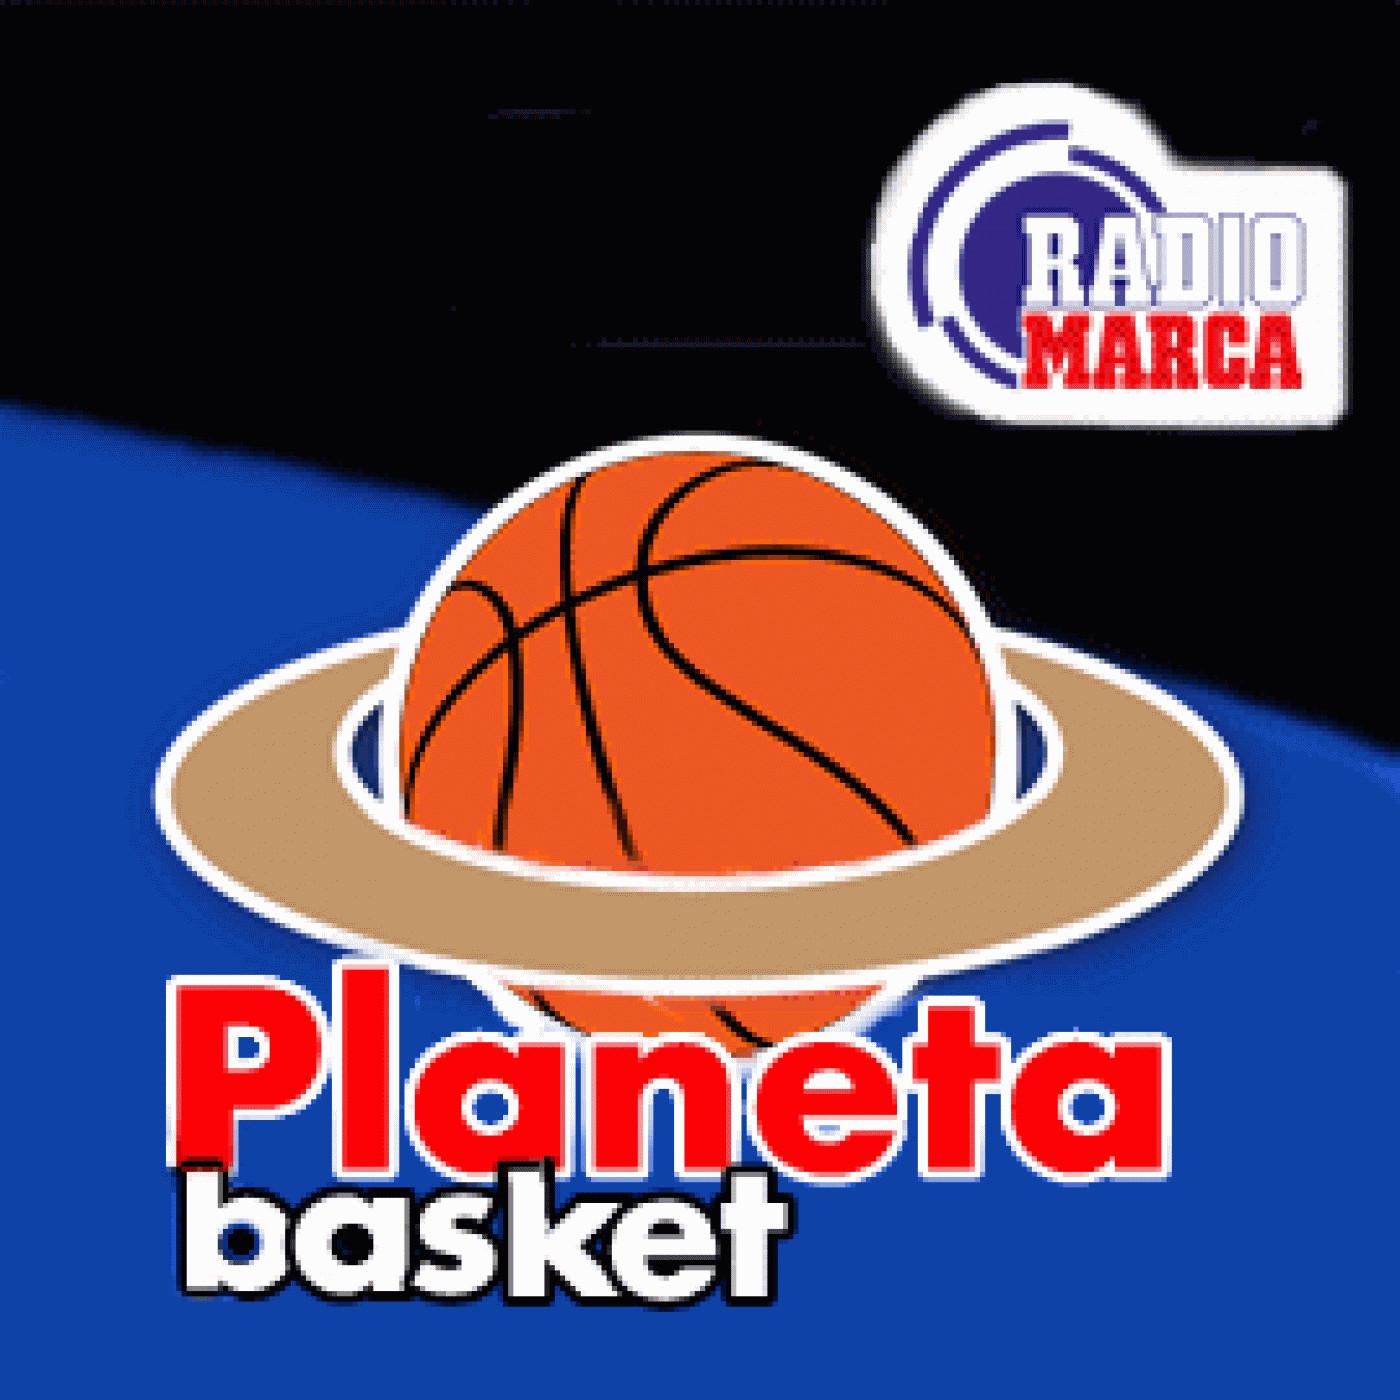 Marca basket